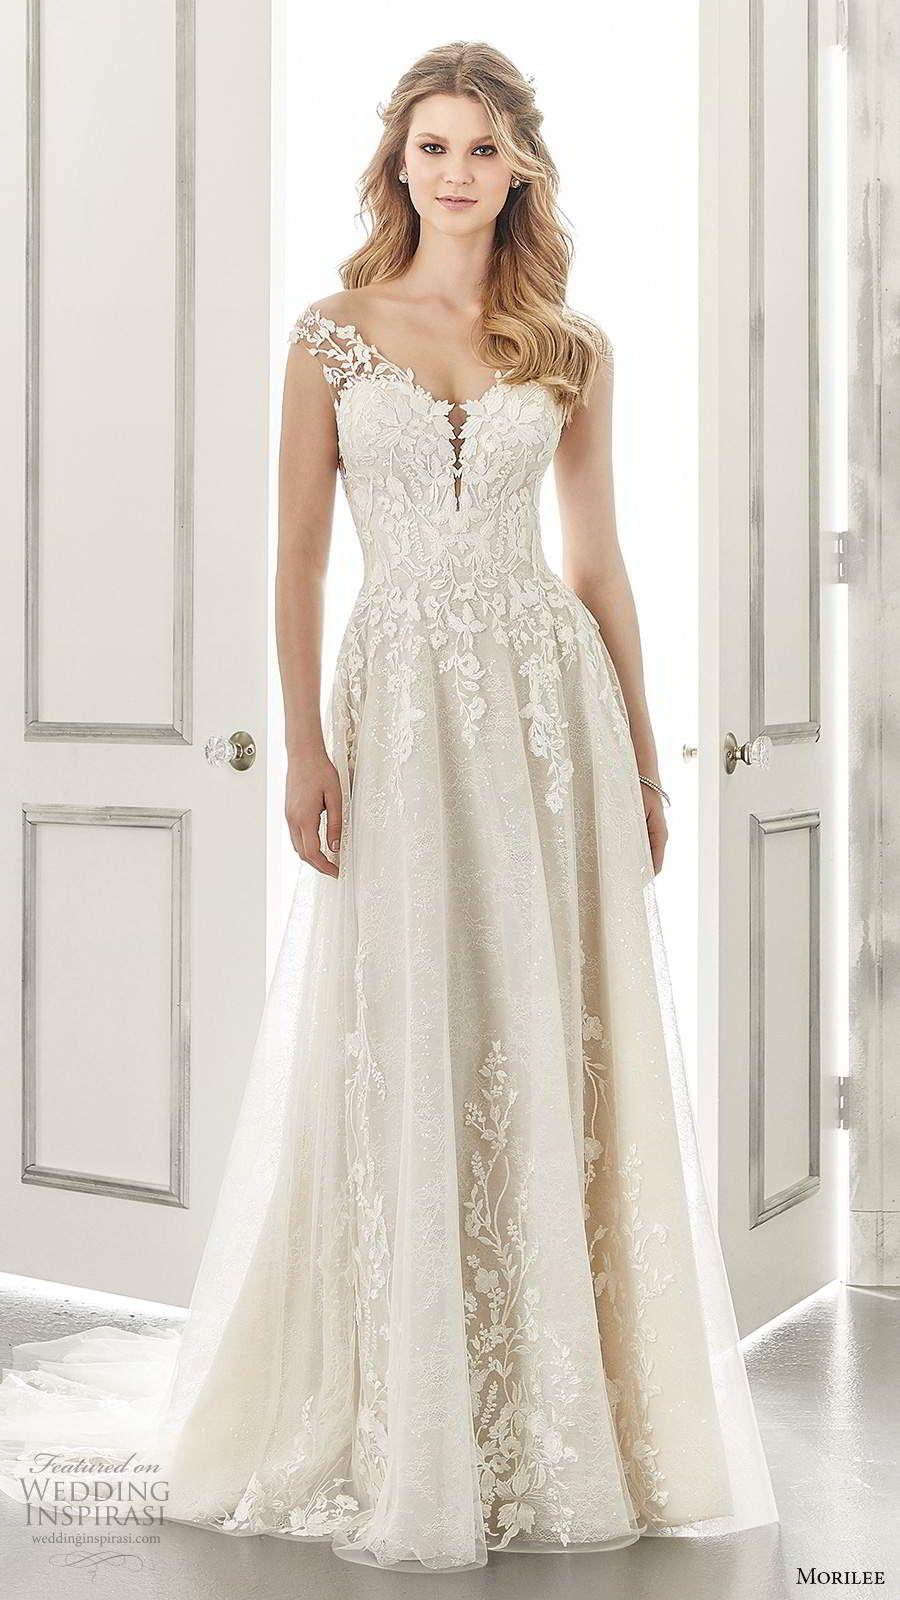 Morilee by Madeline Gardner Spring 2021 Wedding Dresses